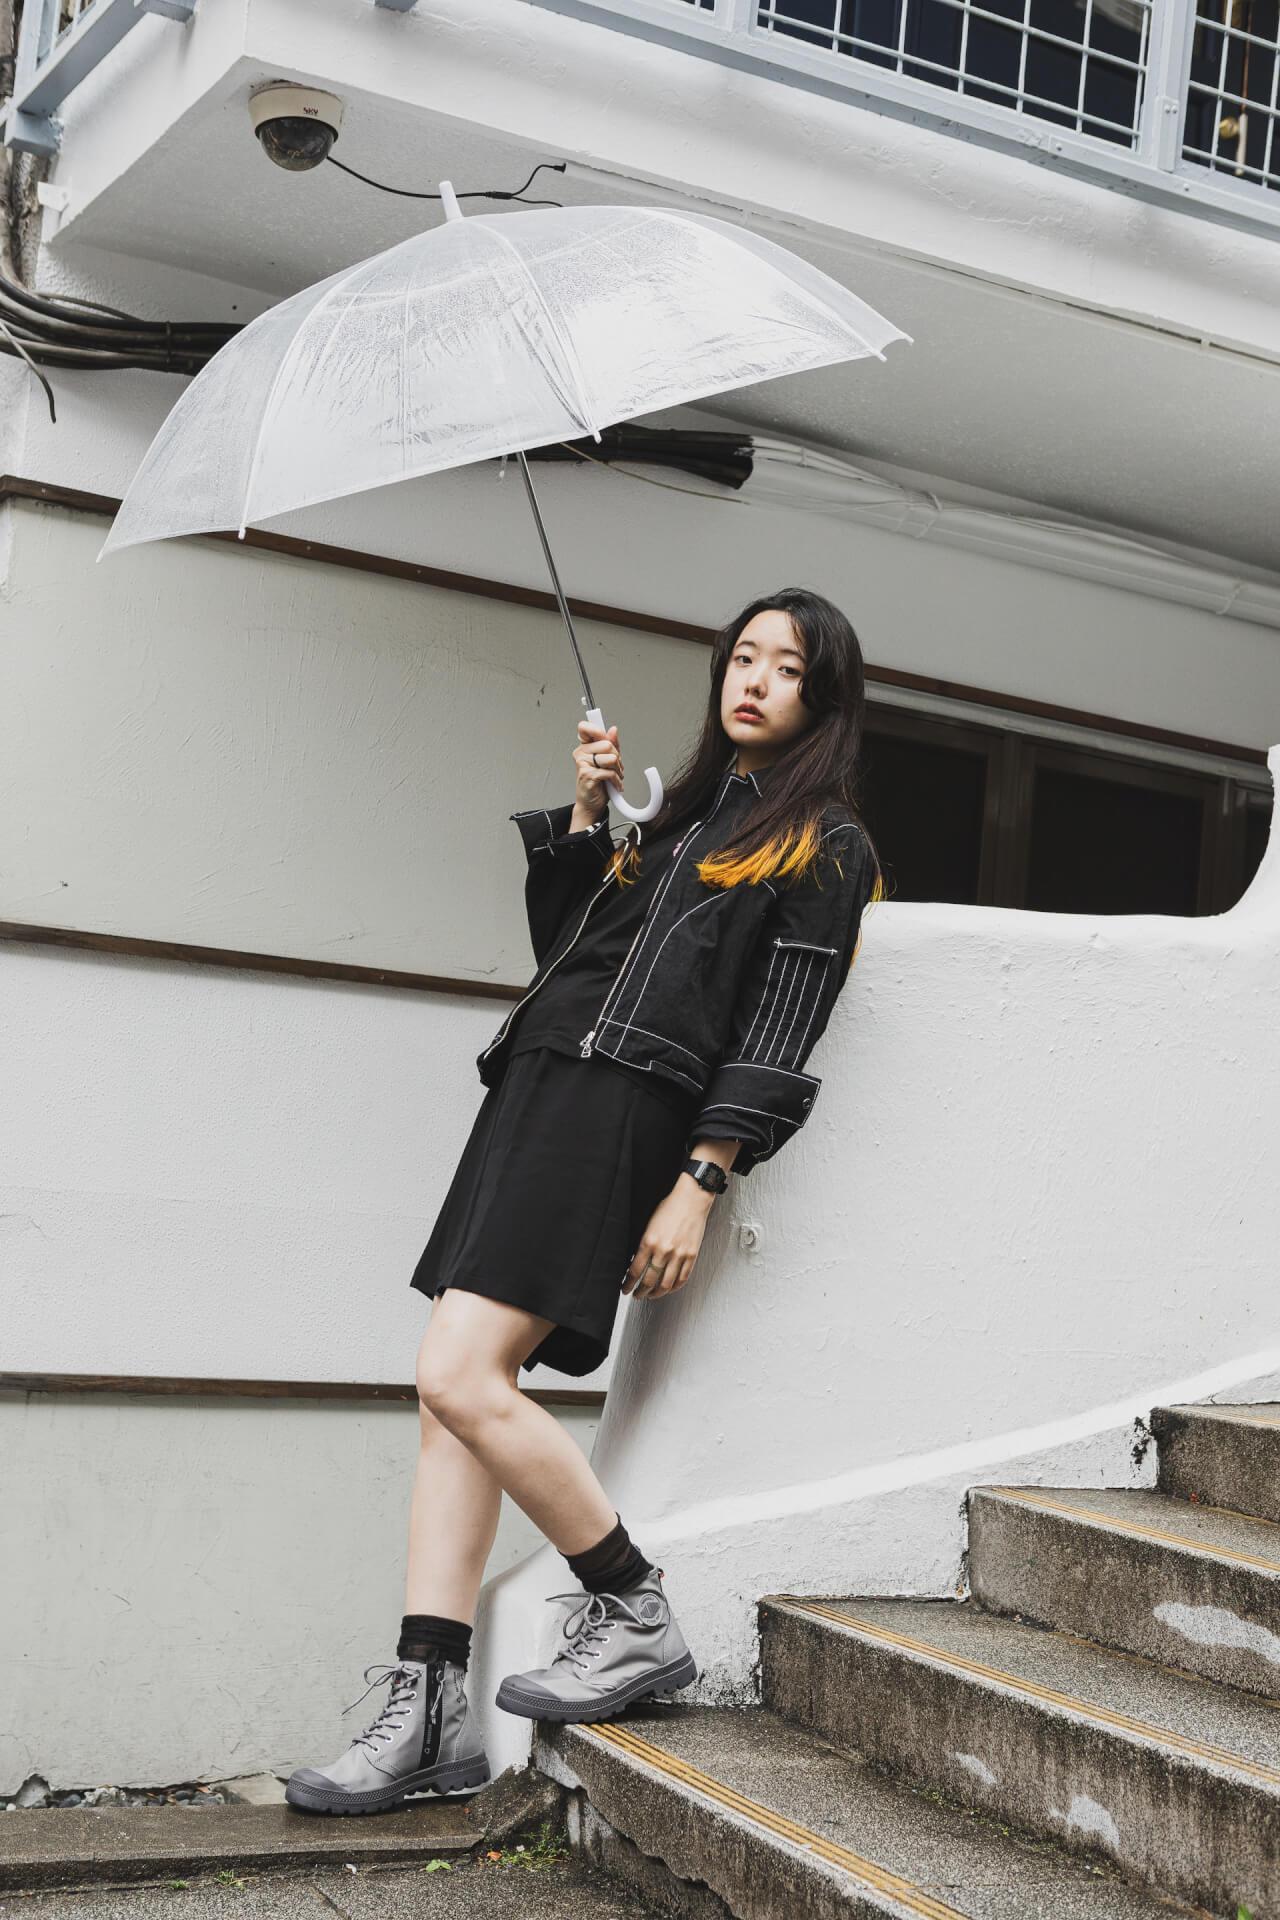 PALLADIUM × 7A&msd|スタイリスト、クリエイターが提案する梅雨を乗り切る雨の日コーデ fashion210526_palladium-022